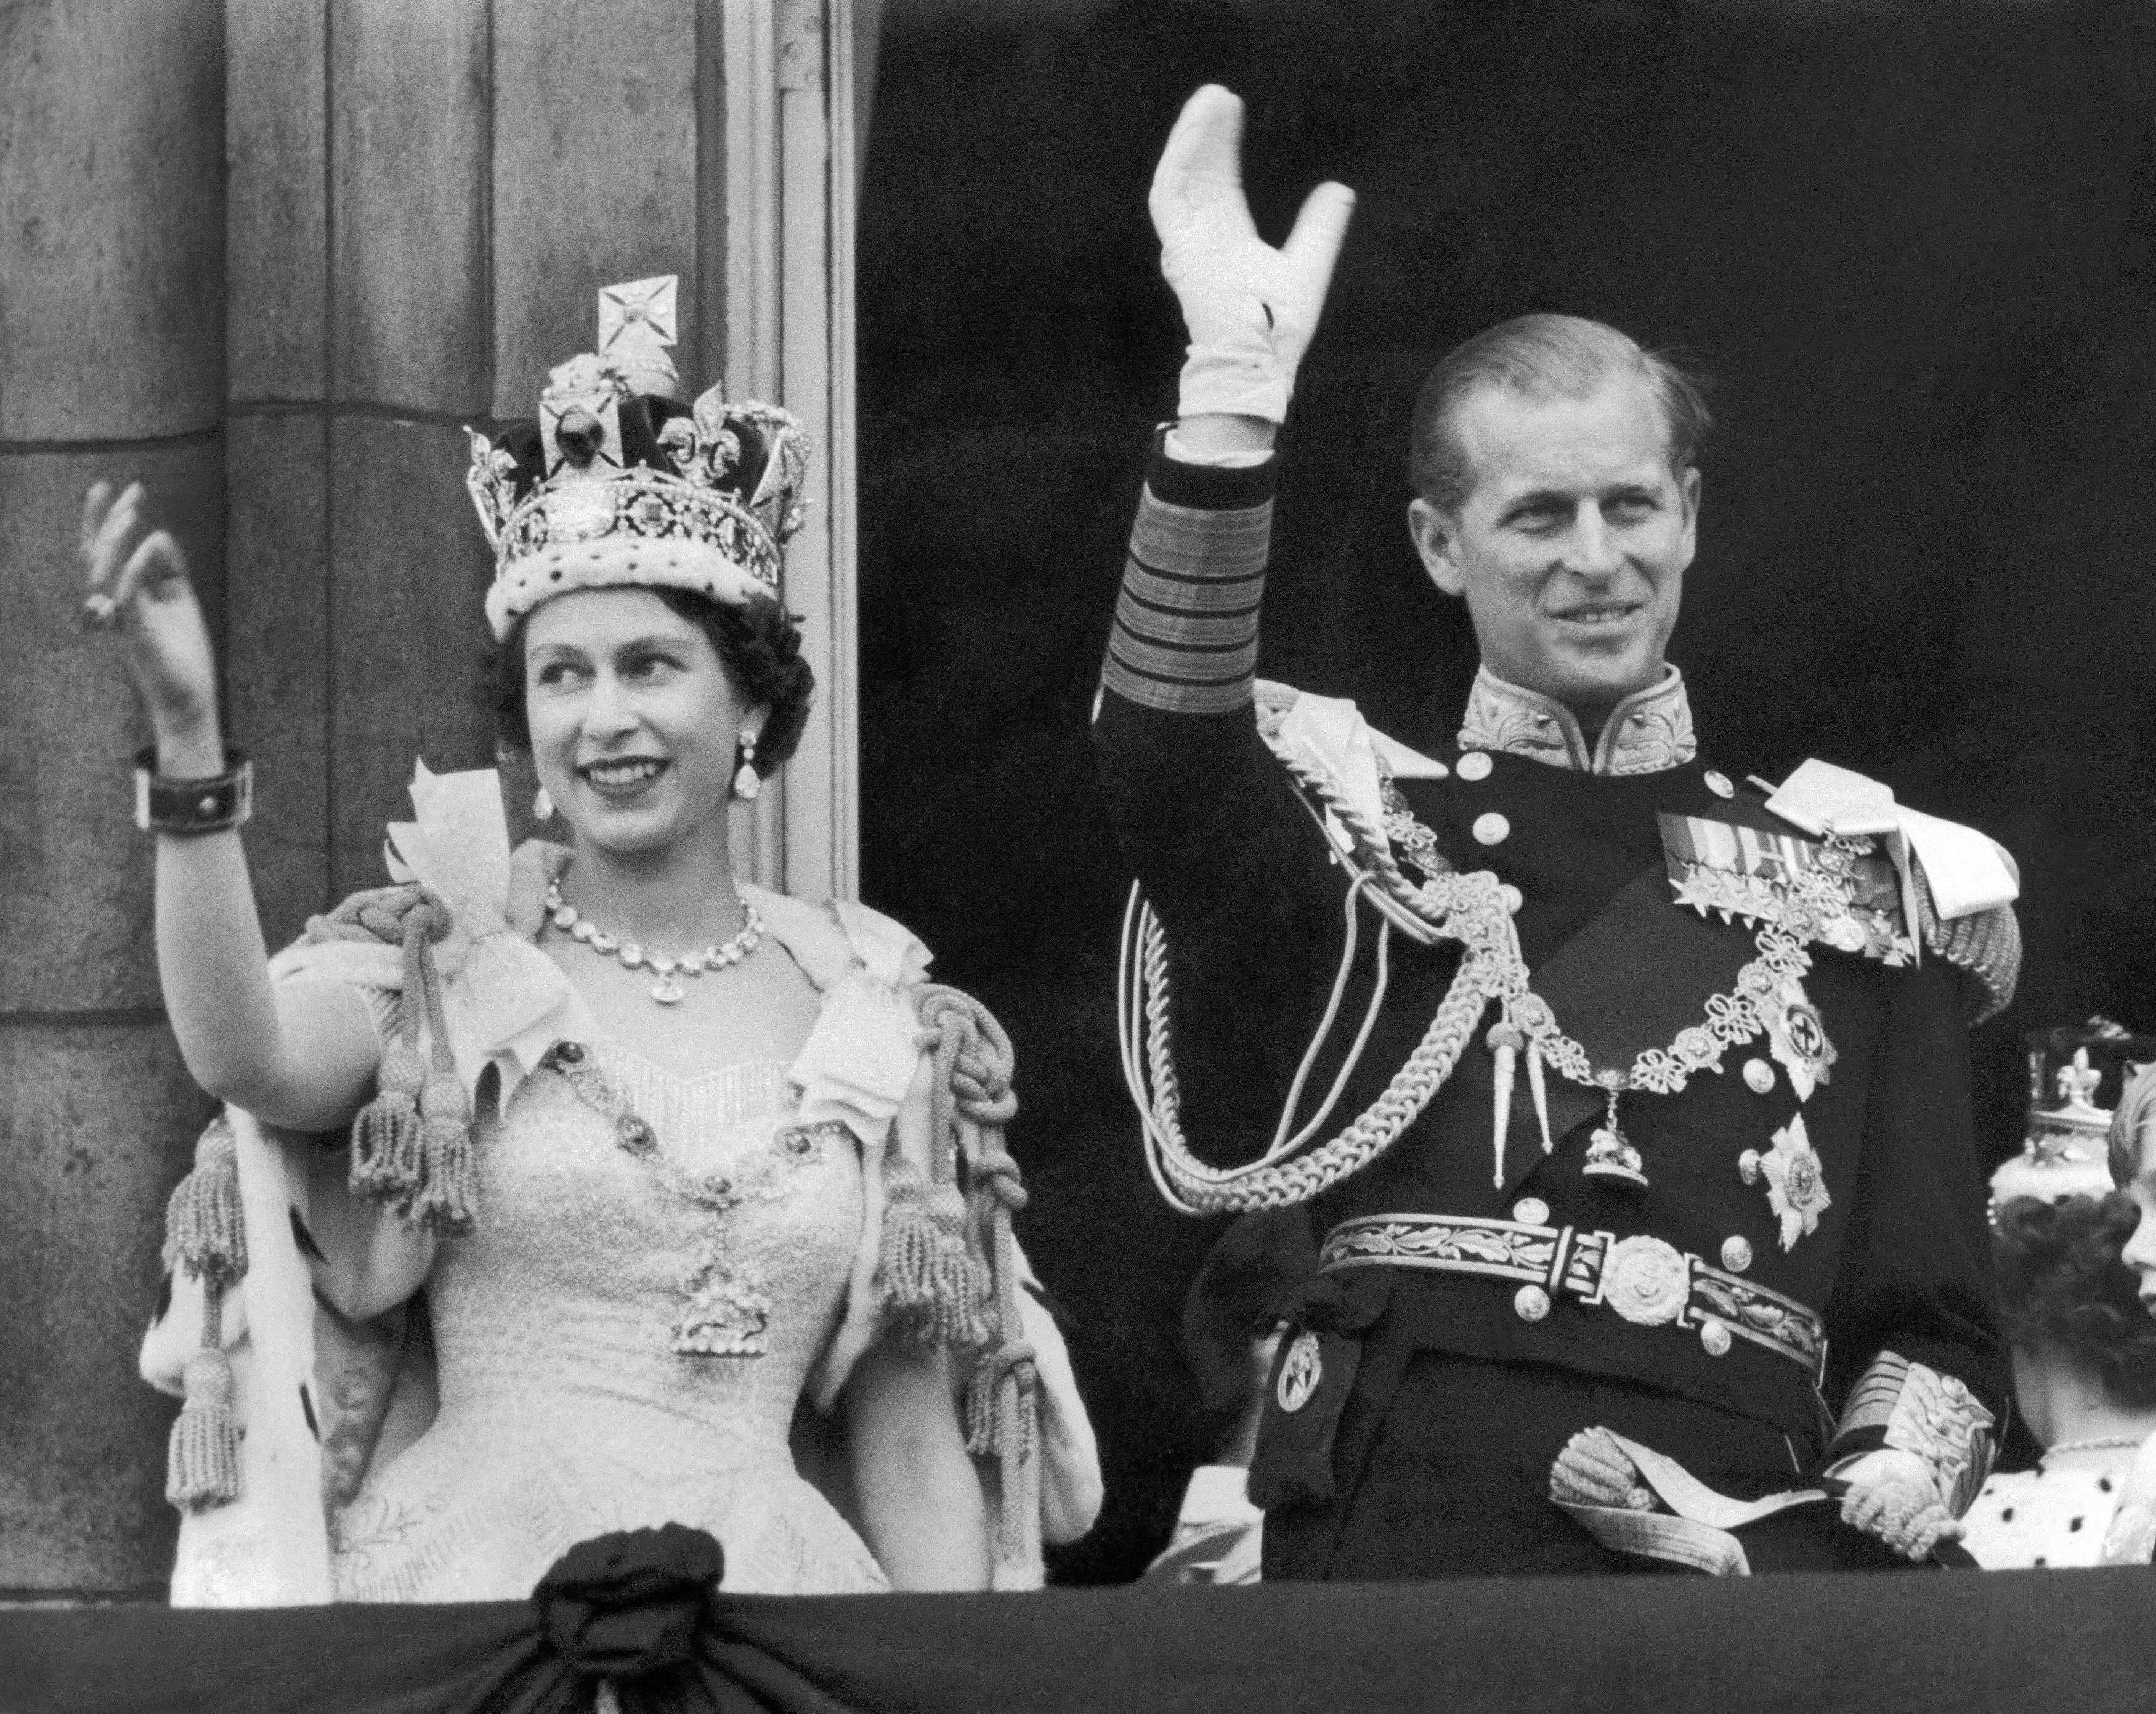 Queen Elizabeth II's Coronation: Here's What Actually Happened on June 2, 1953